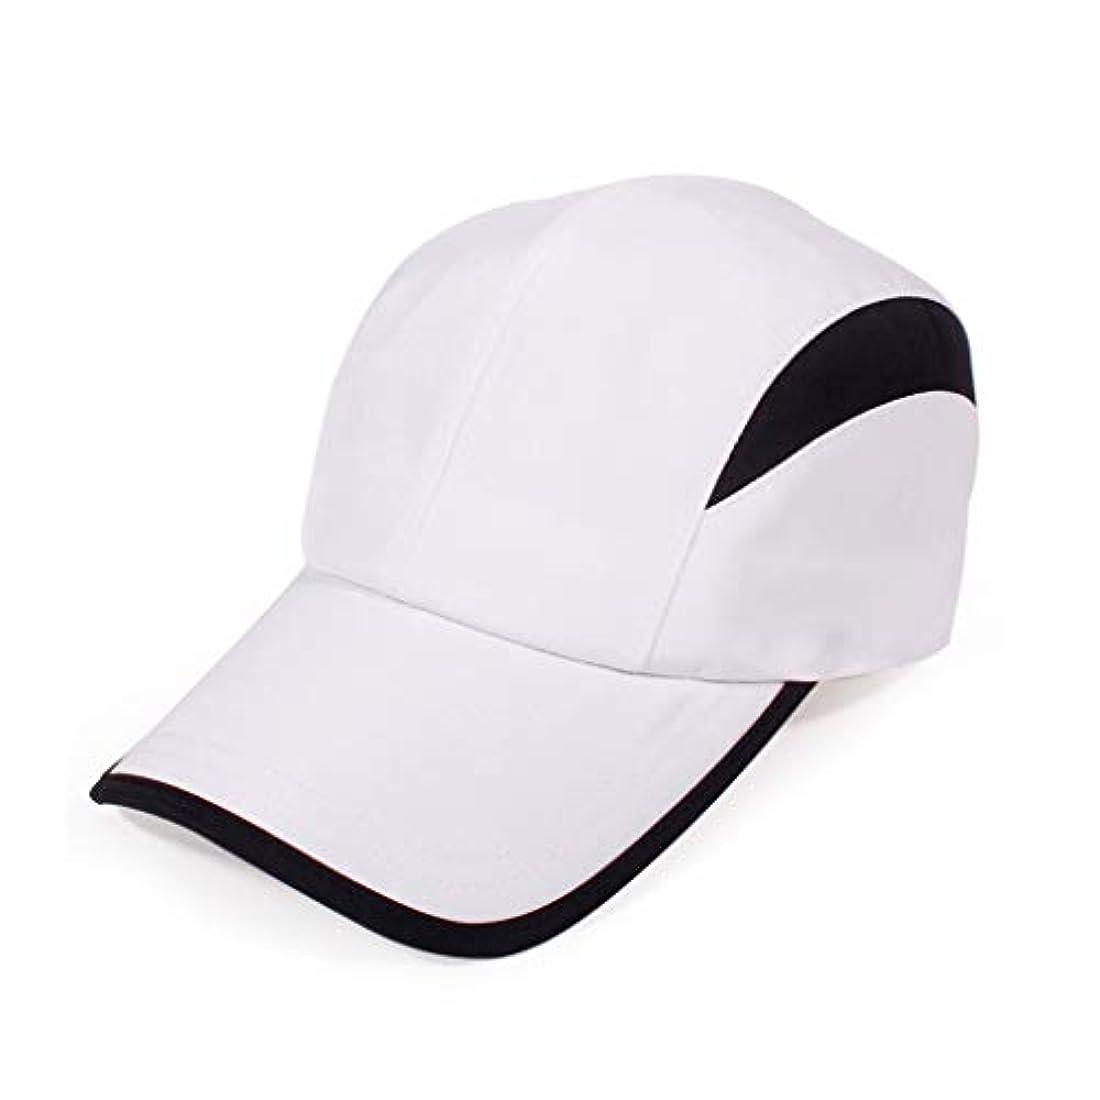 歴史家検索エンジン最適化電気的男性の夏の潮の男性と女性の屋外速乾性のバイザー野球帽の帽子の男性の夏の韓国語バージョン (Color : D)